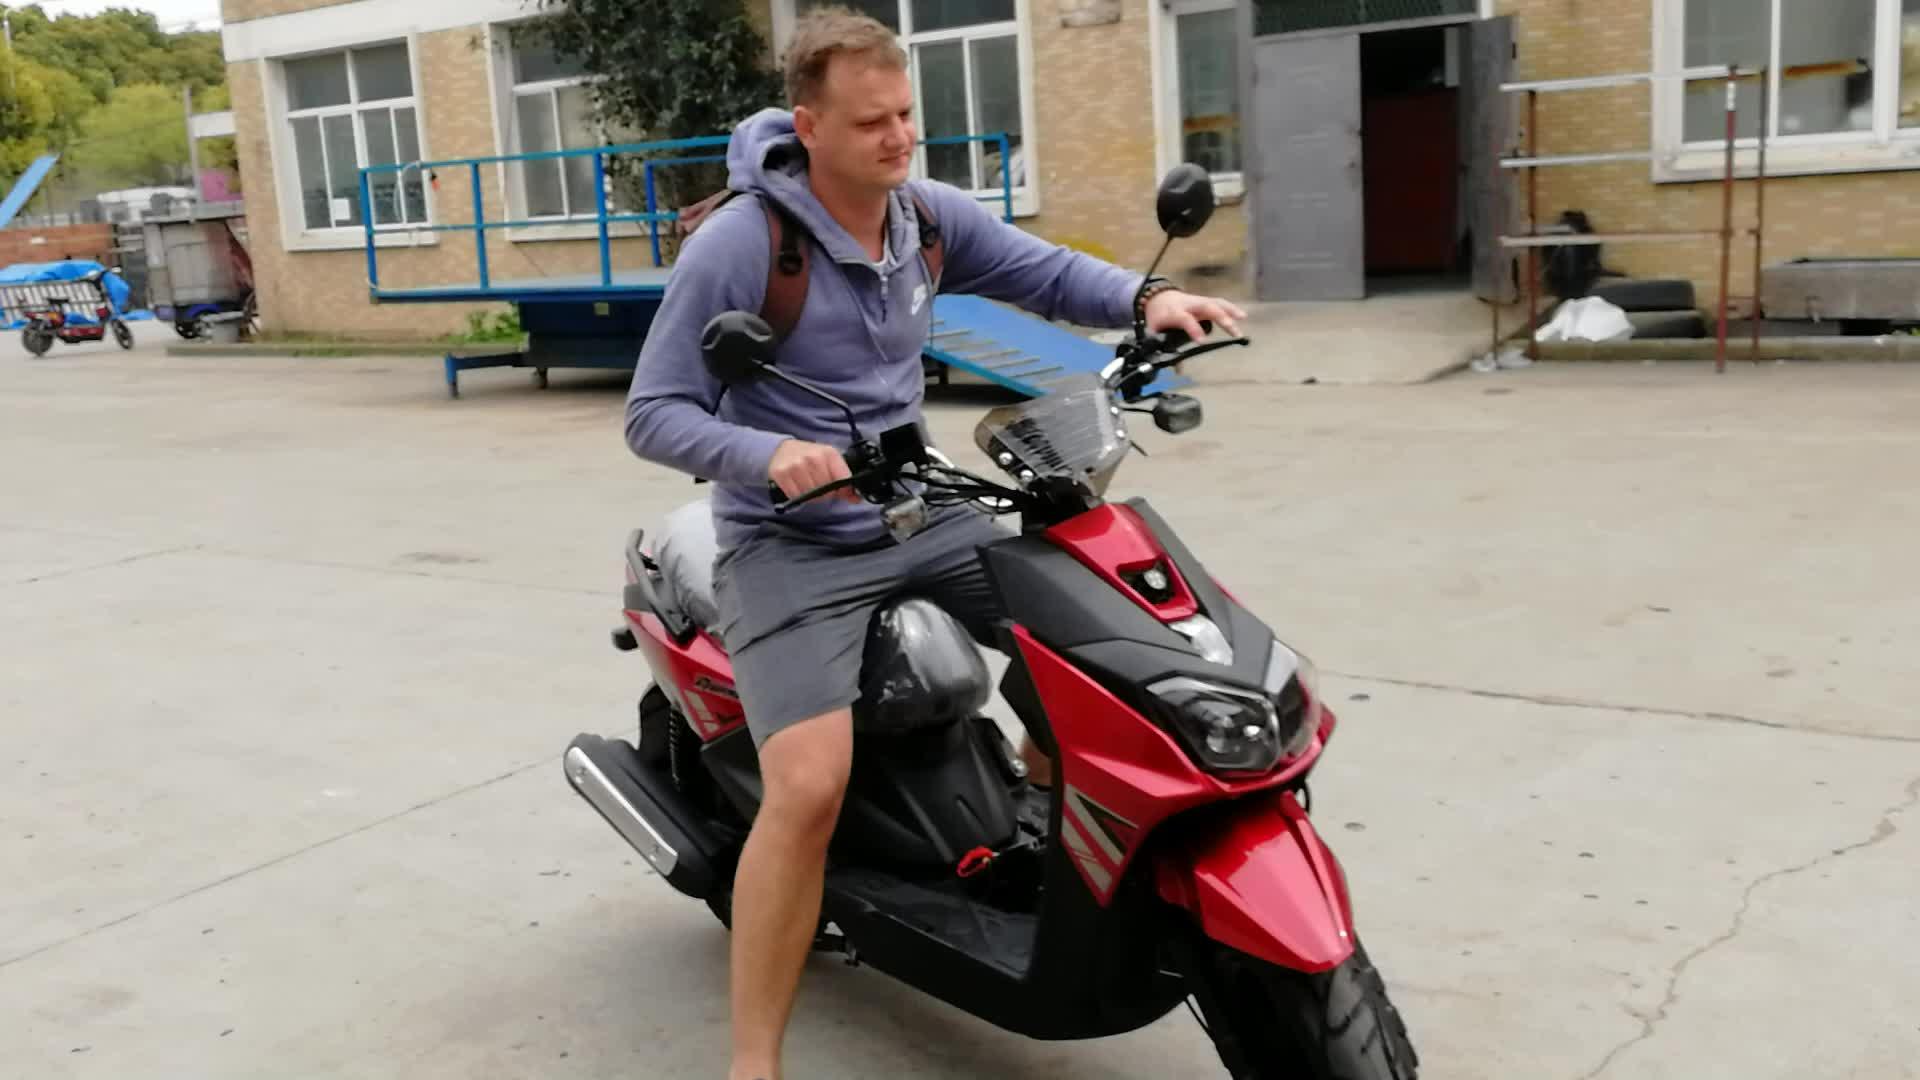 Qualità Del Giappone bws automatico scooter 125cc 125 cc 50cc 49cc 50 cc, 150CC benzina motociclo gas scooter per adulti